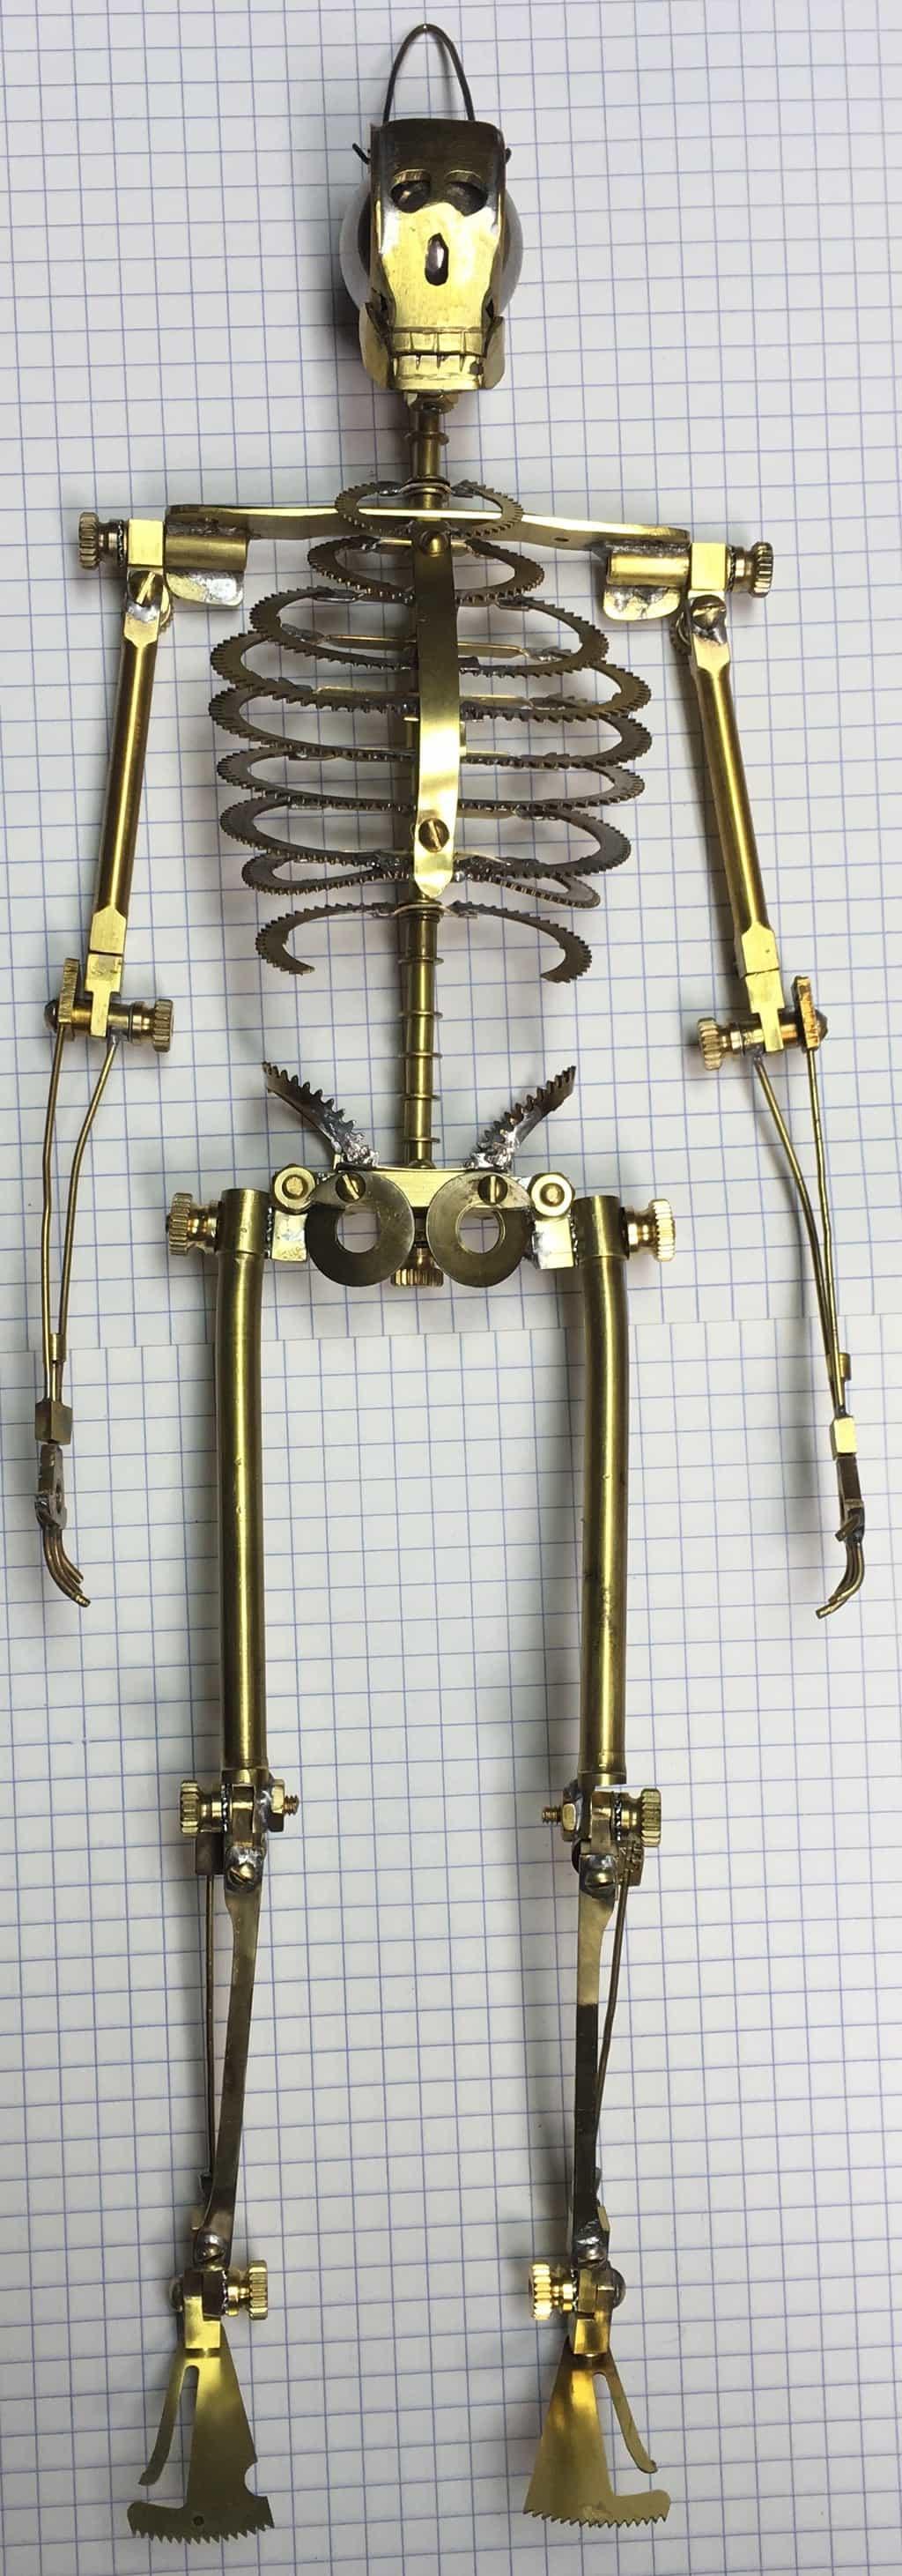 25 Skeleton with feet 3